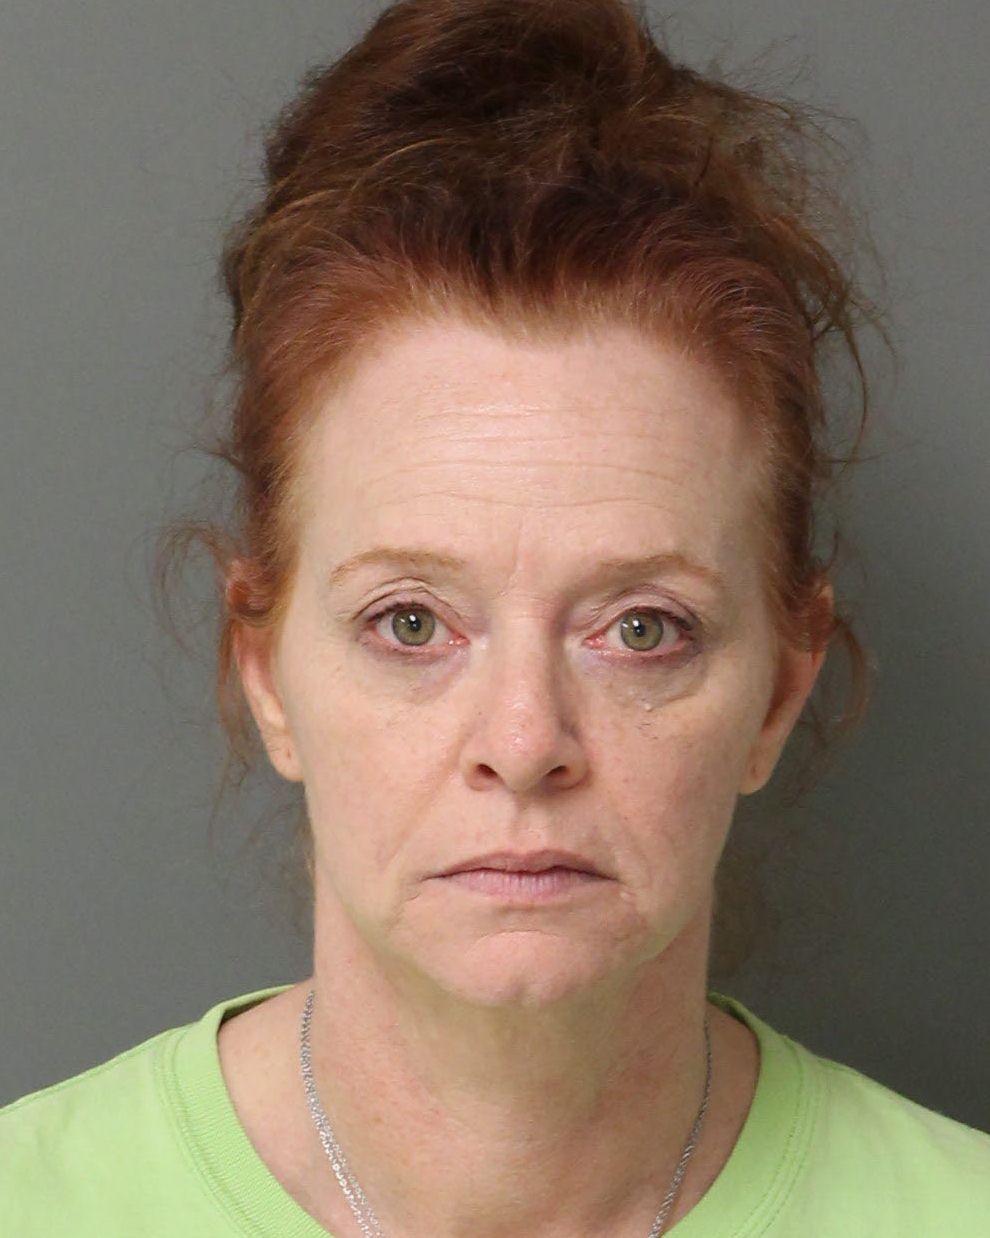 MOORE KAREN RENEE Mugshot / County Arrests / Wake County Arrests